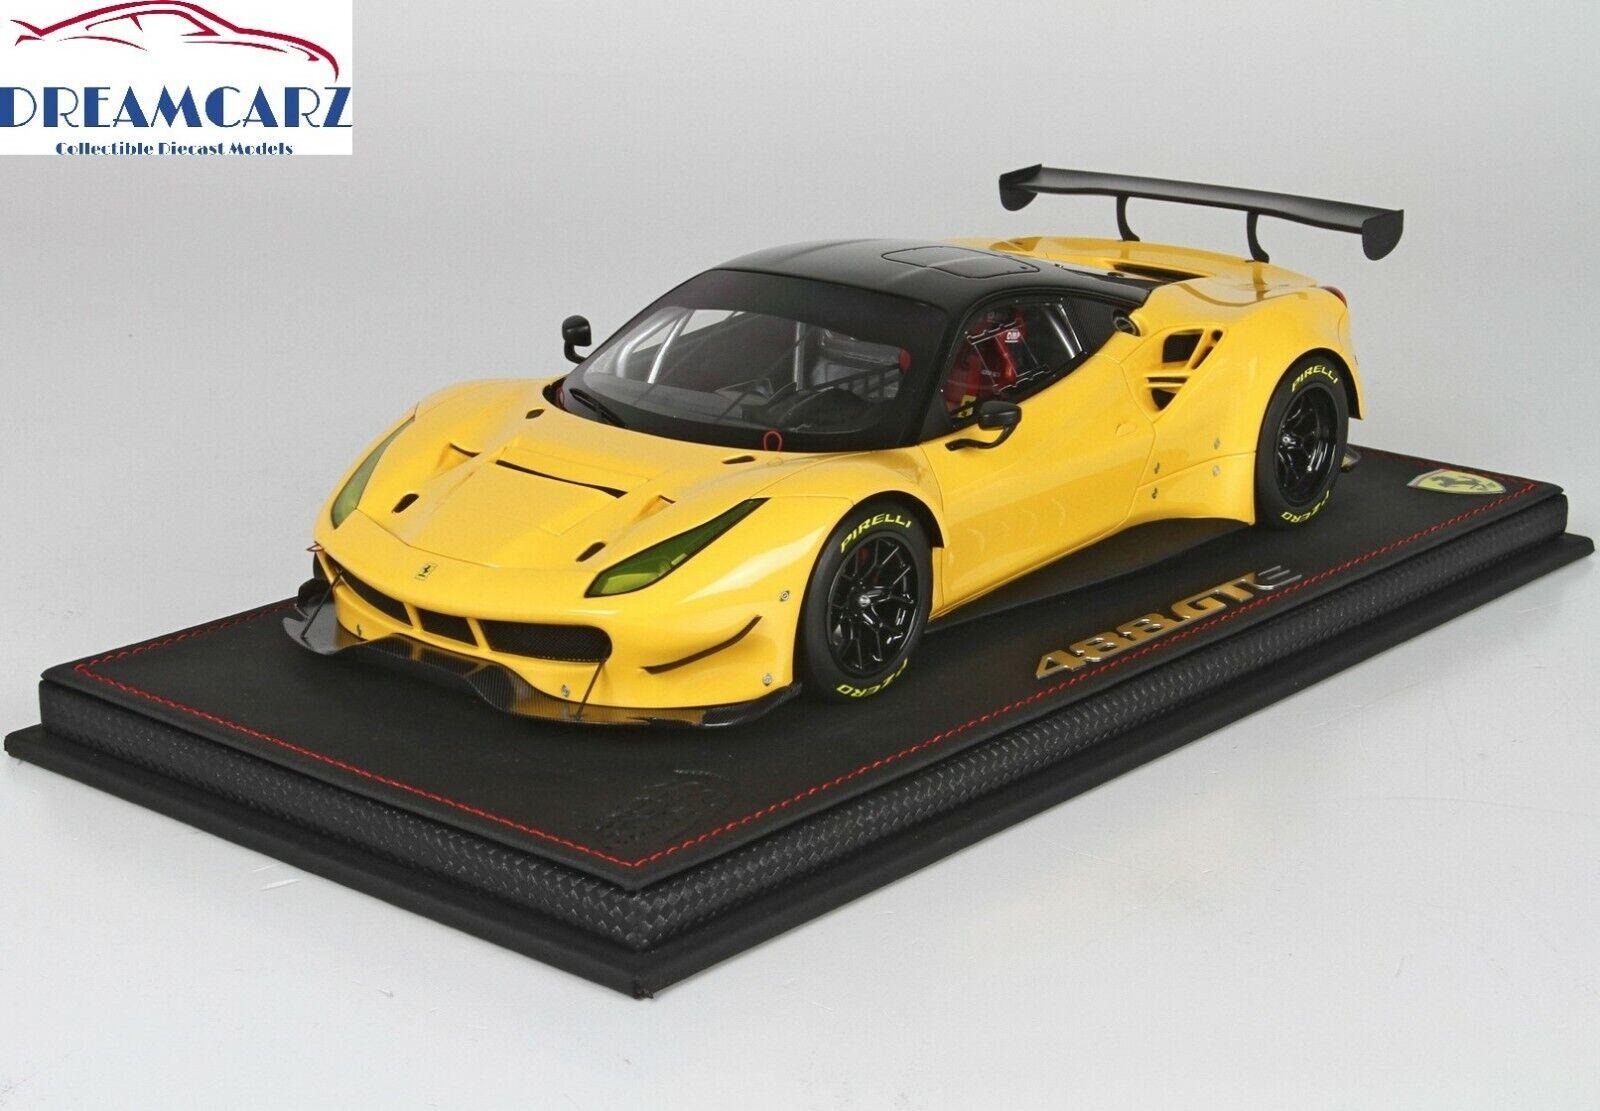 BBC Ferrari 488 GTE 1   18 p18122b1v - límite de 24 - 0   24 ¡BBC Ferrari 488 GTE 1   18 p18122b1v - límite de 24 - 0   24